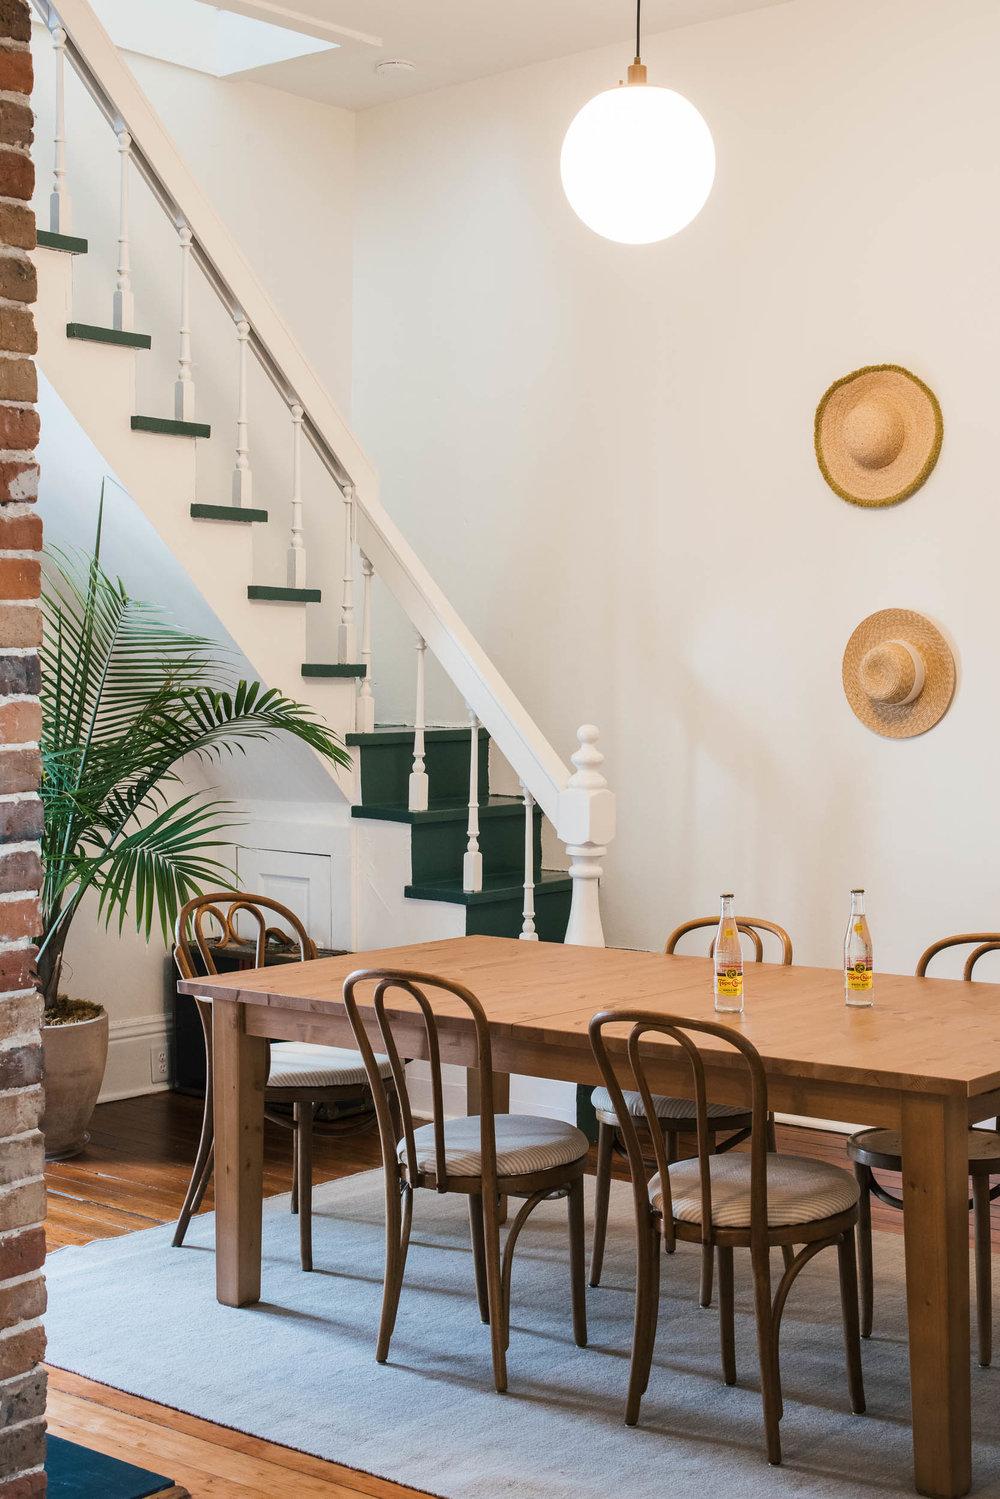 Anna_Thomas_Apartment_New_Orleans-9.jpg